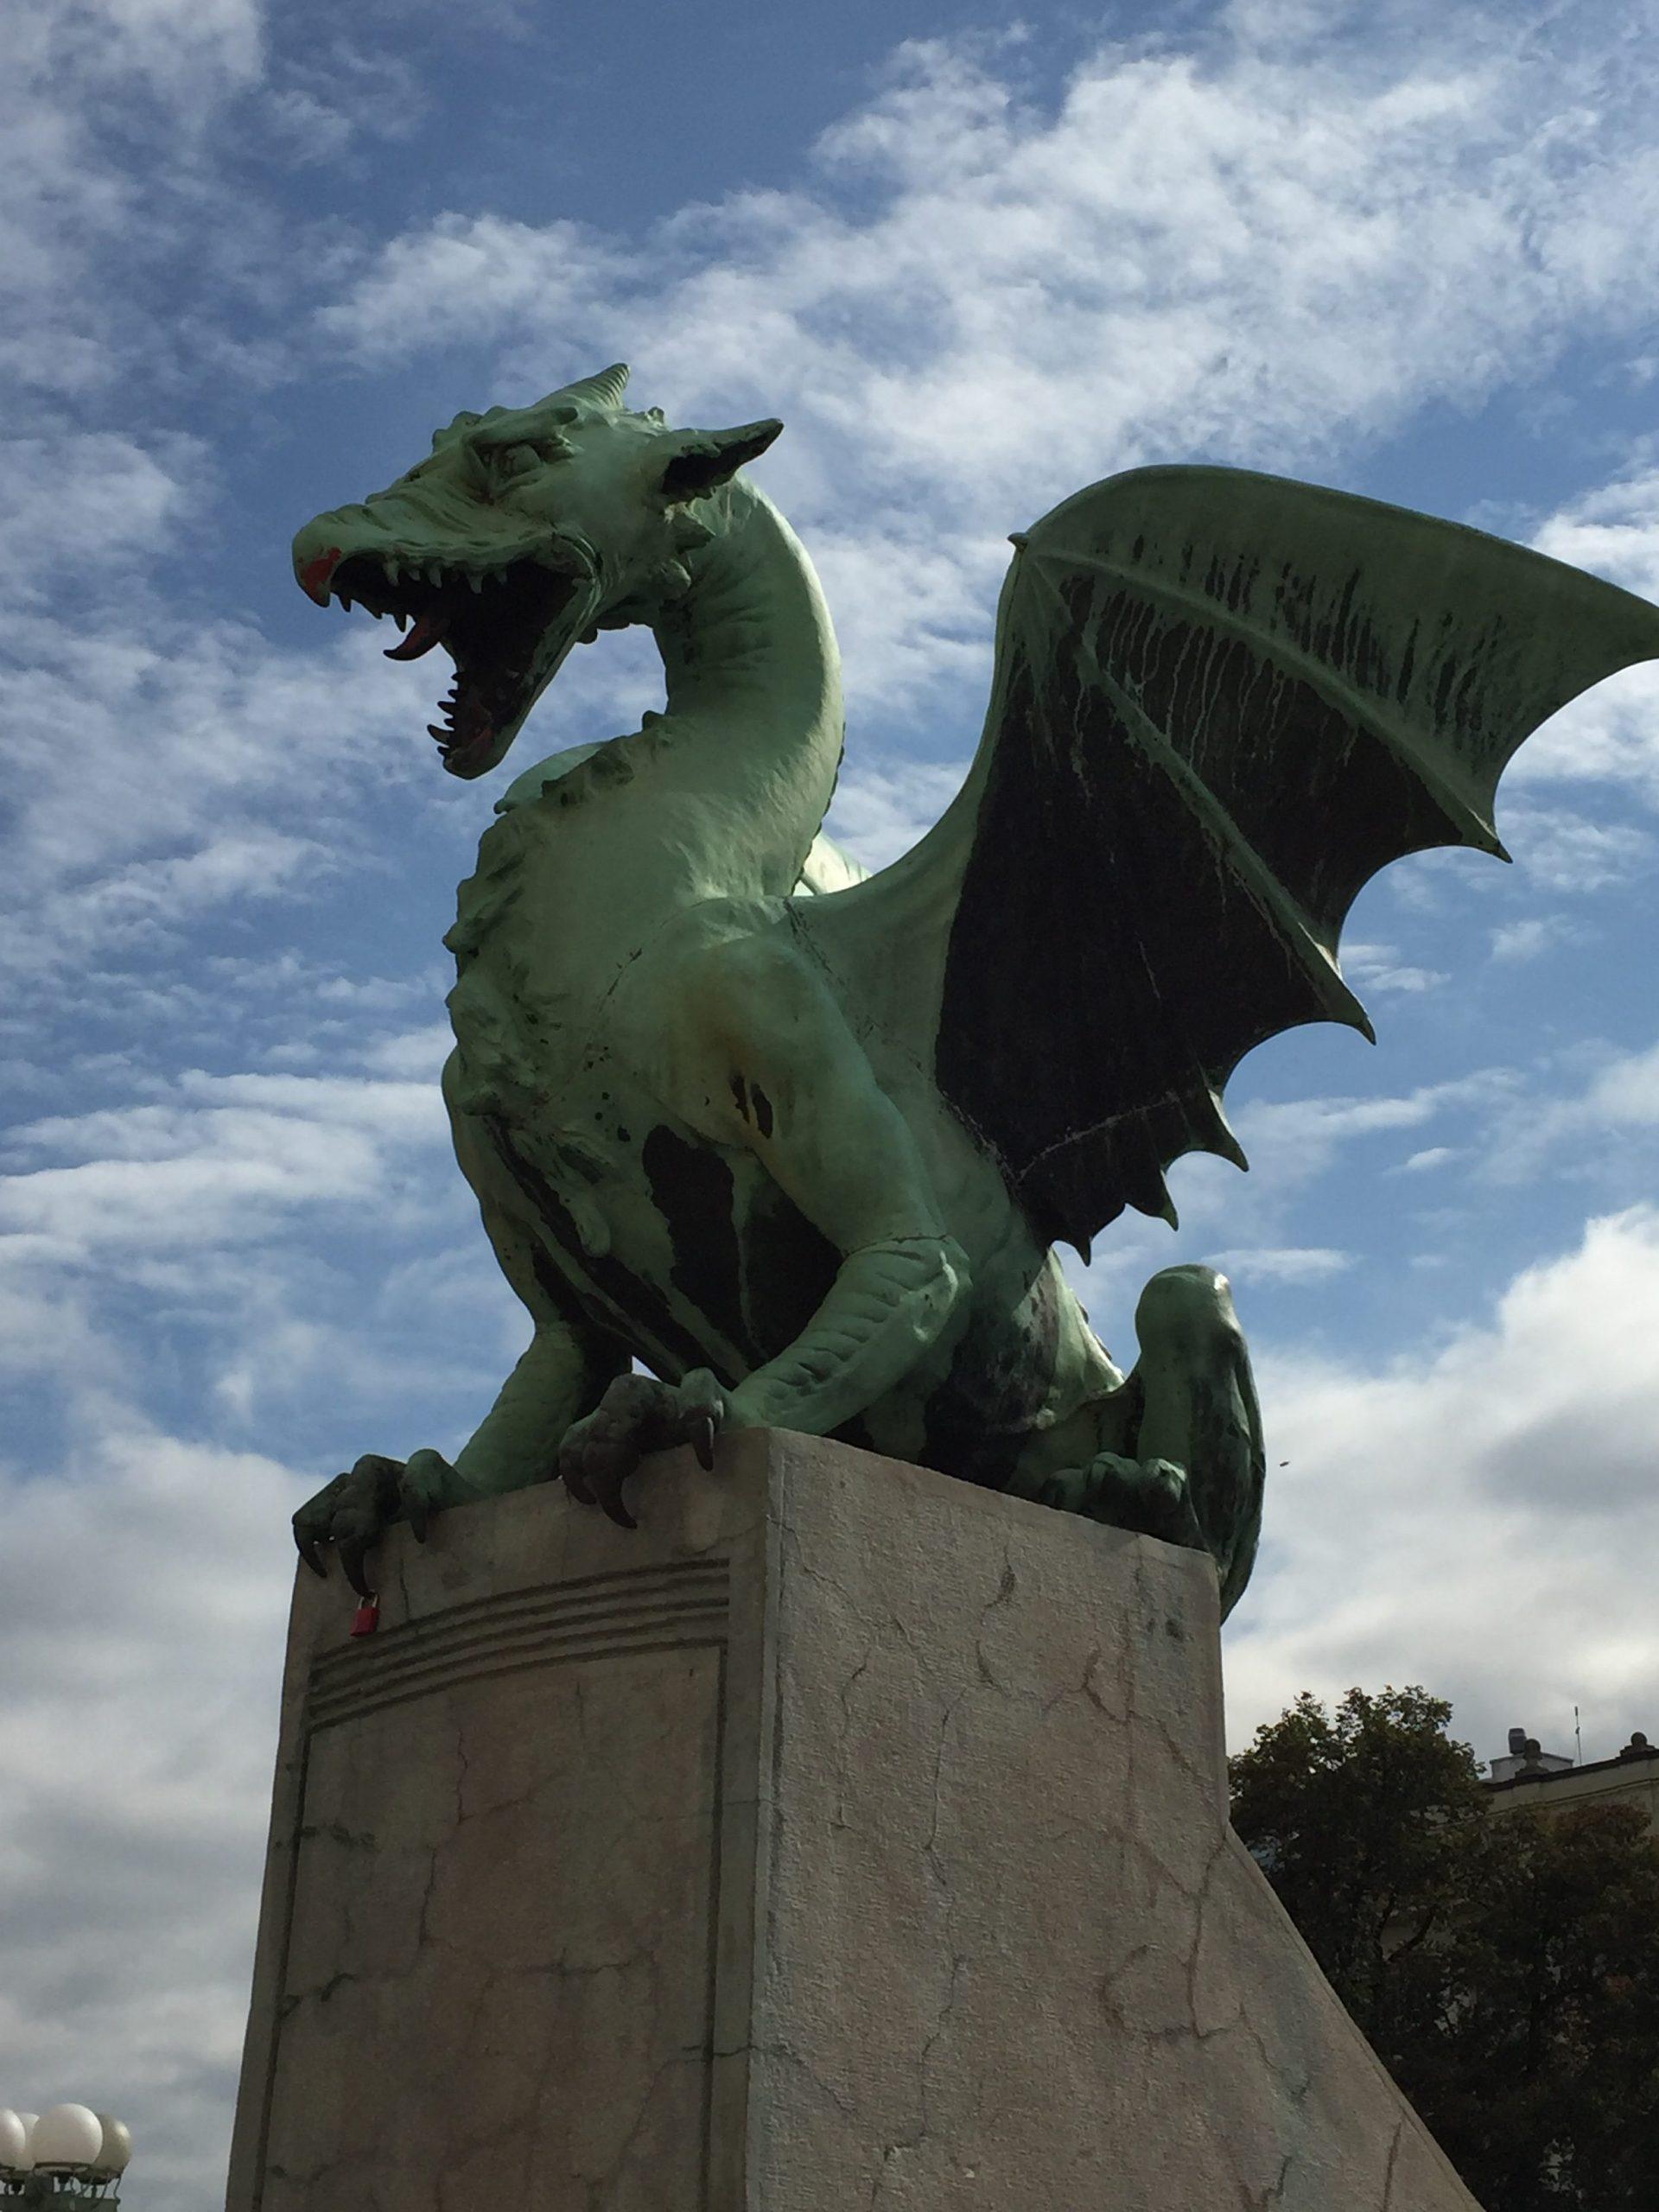 A Statue of a dragon in Ljubljanica, Slovenia